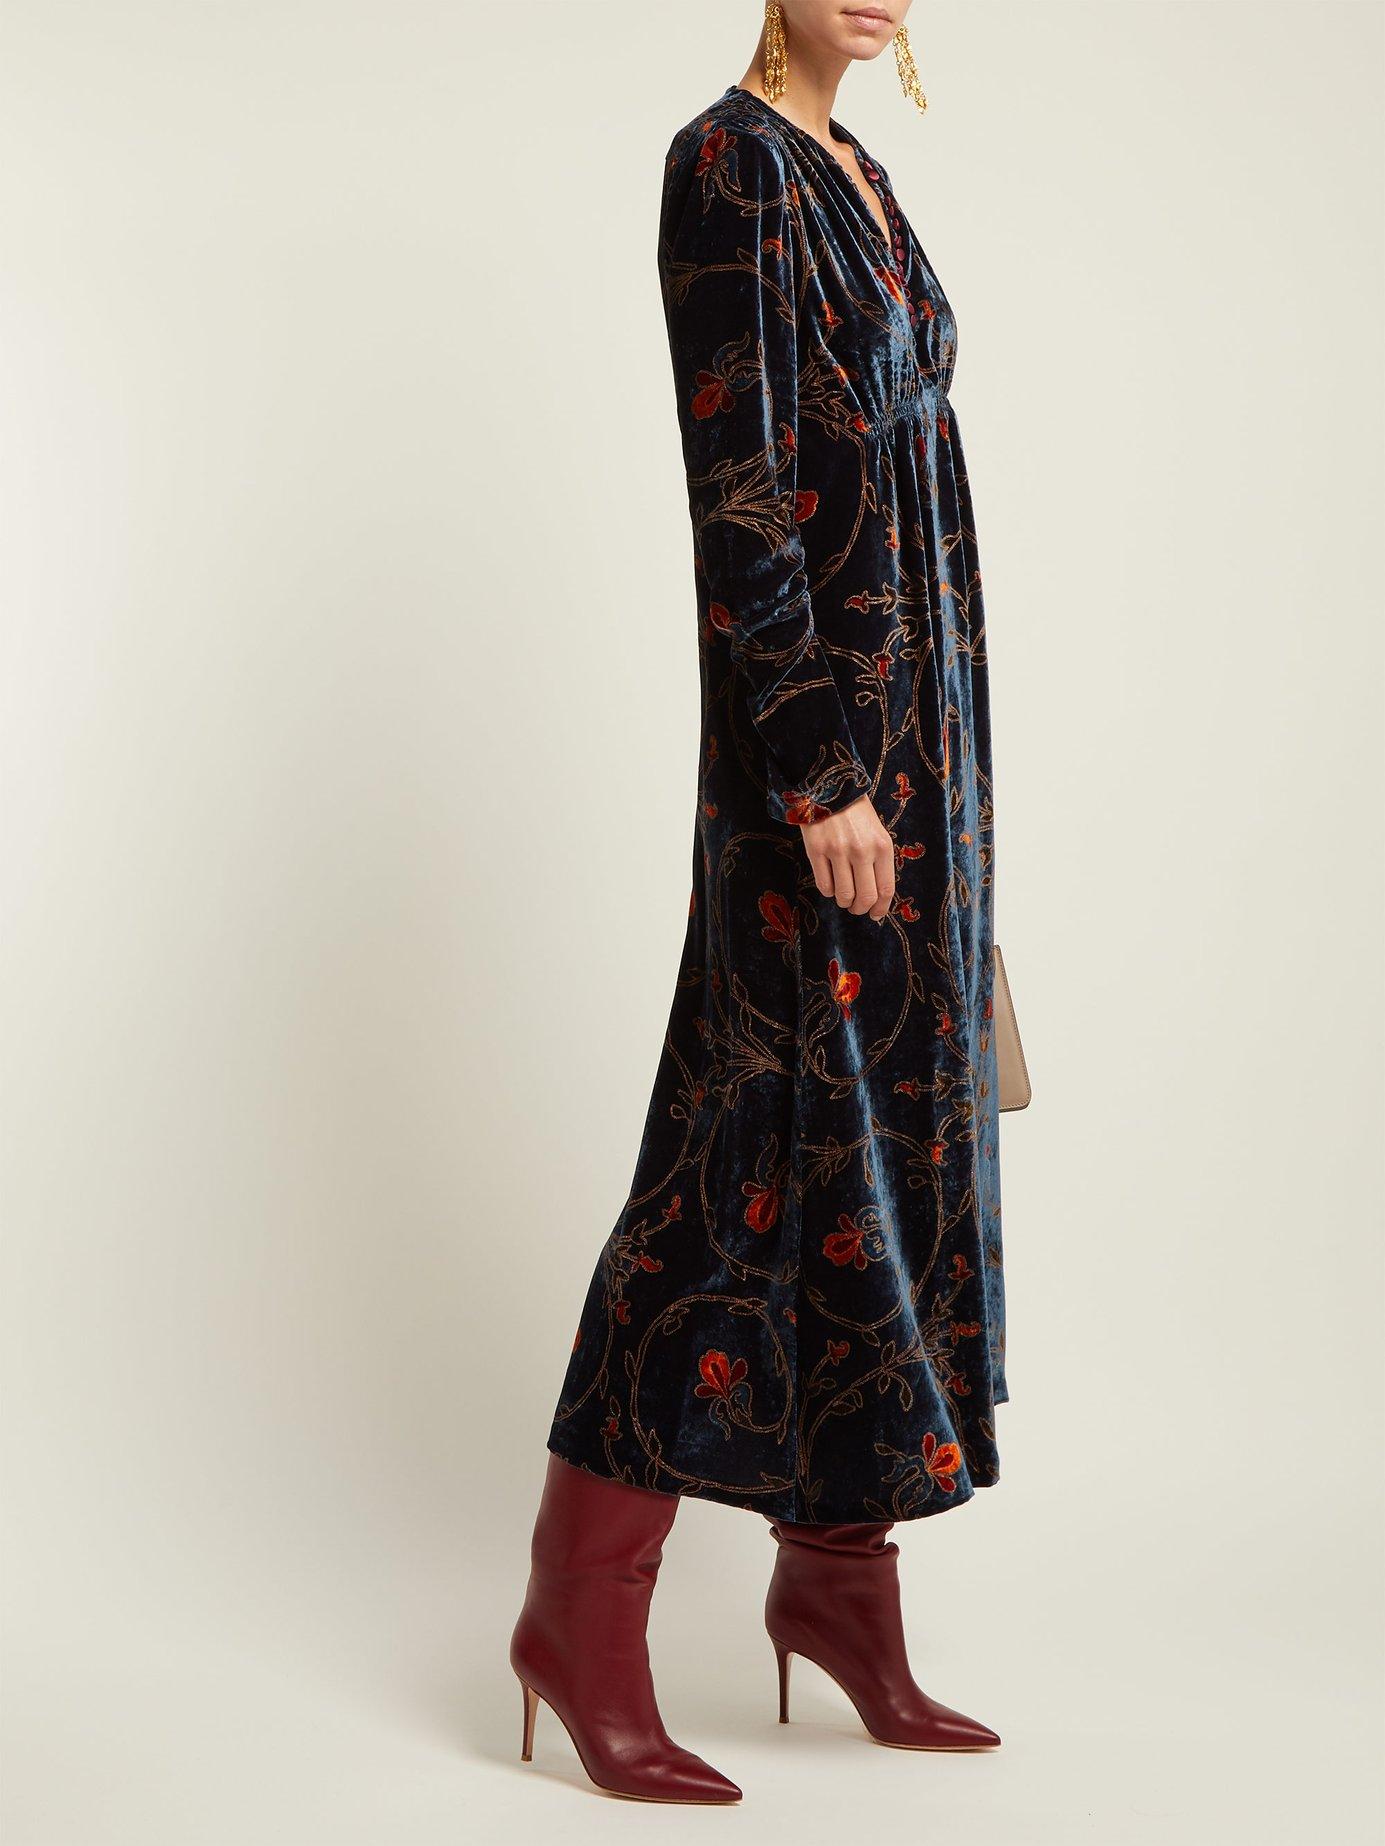 Sunstone floral-print velvet midi dress by Etro